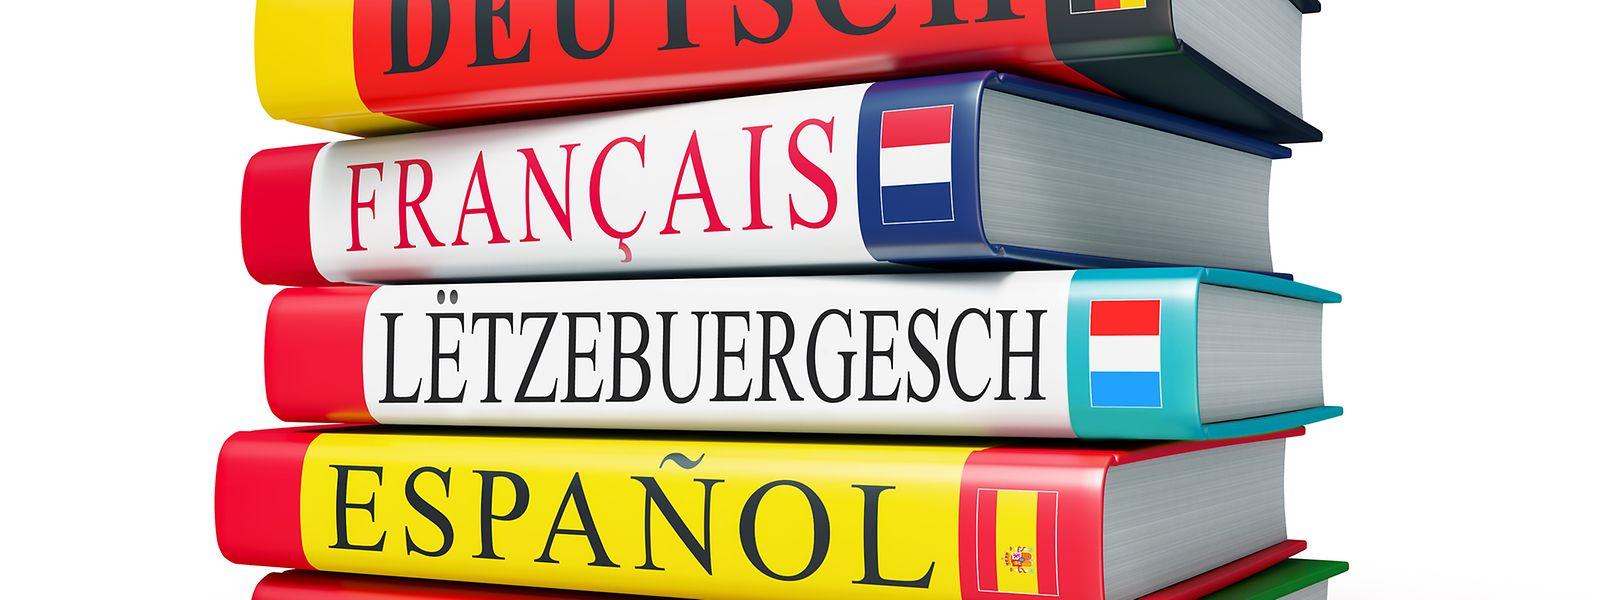 Jede Sprache kennt Wörter, die man nicht so einfach in andere Sprachen übersetzen kann.